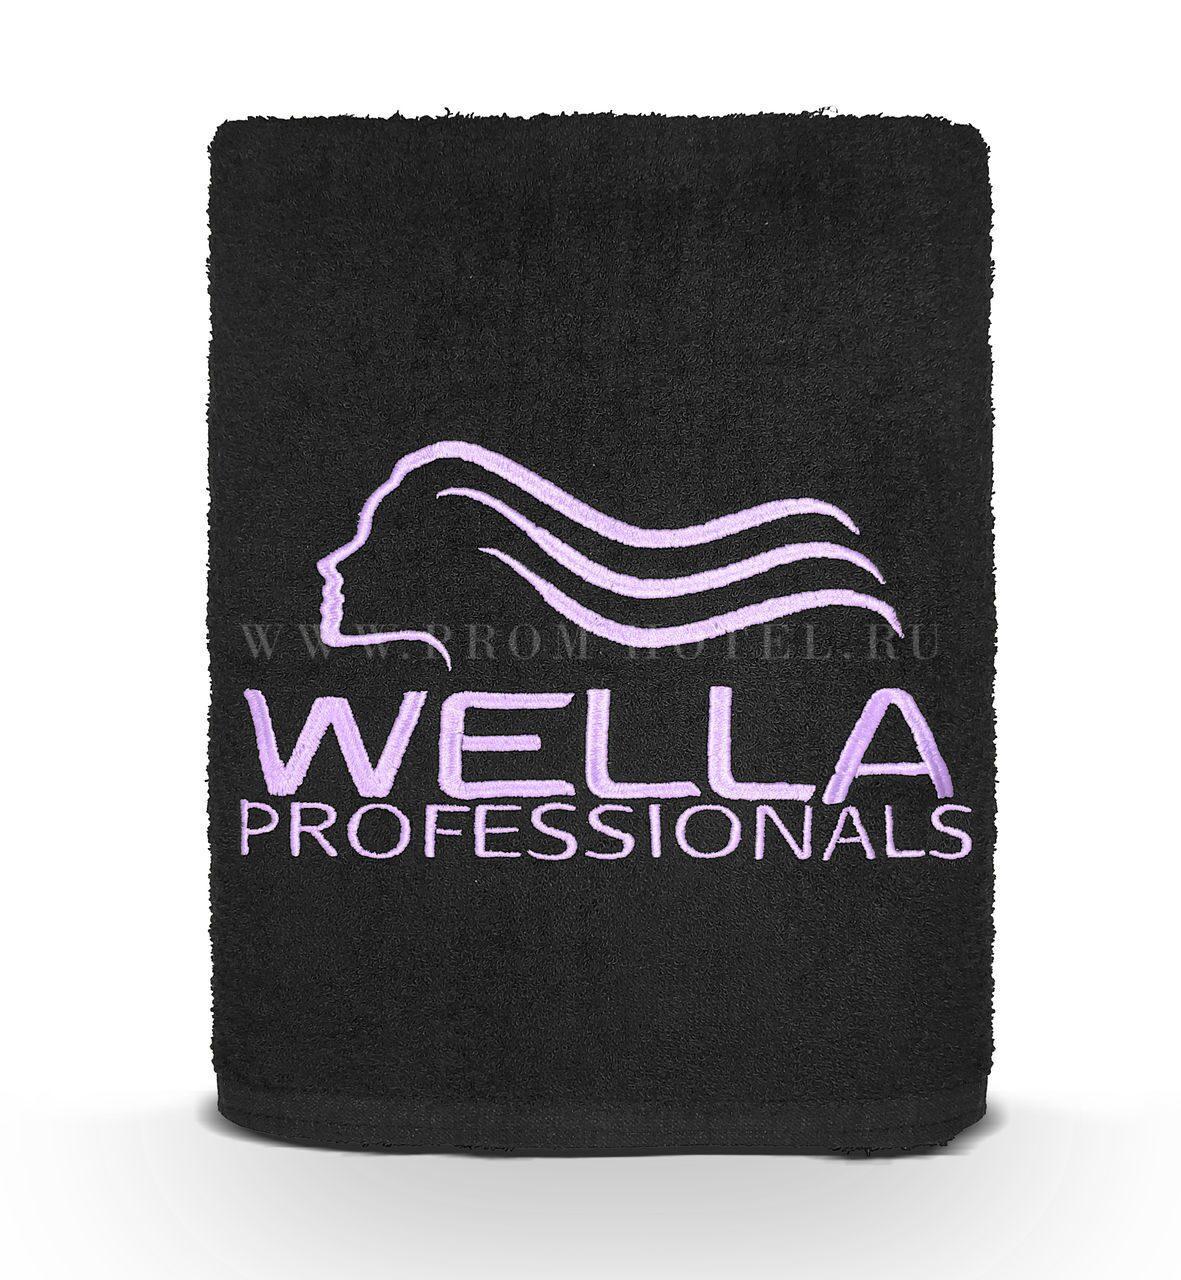 заказать полотенца с логотипом в салон красоты